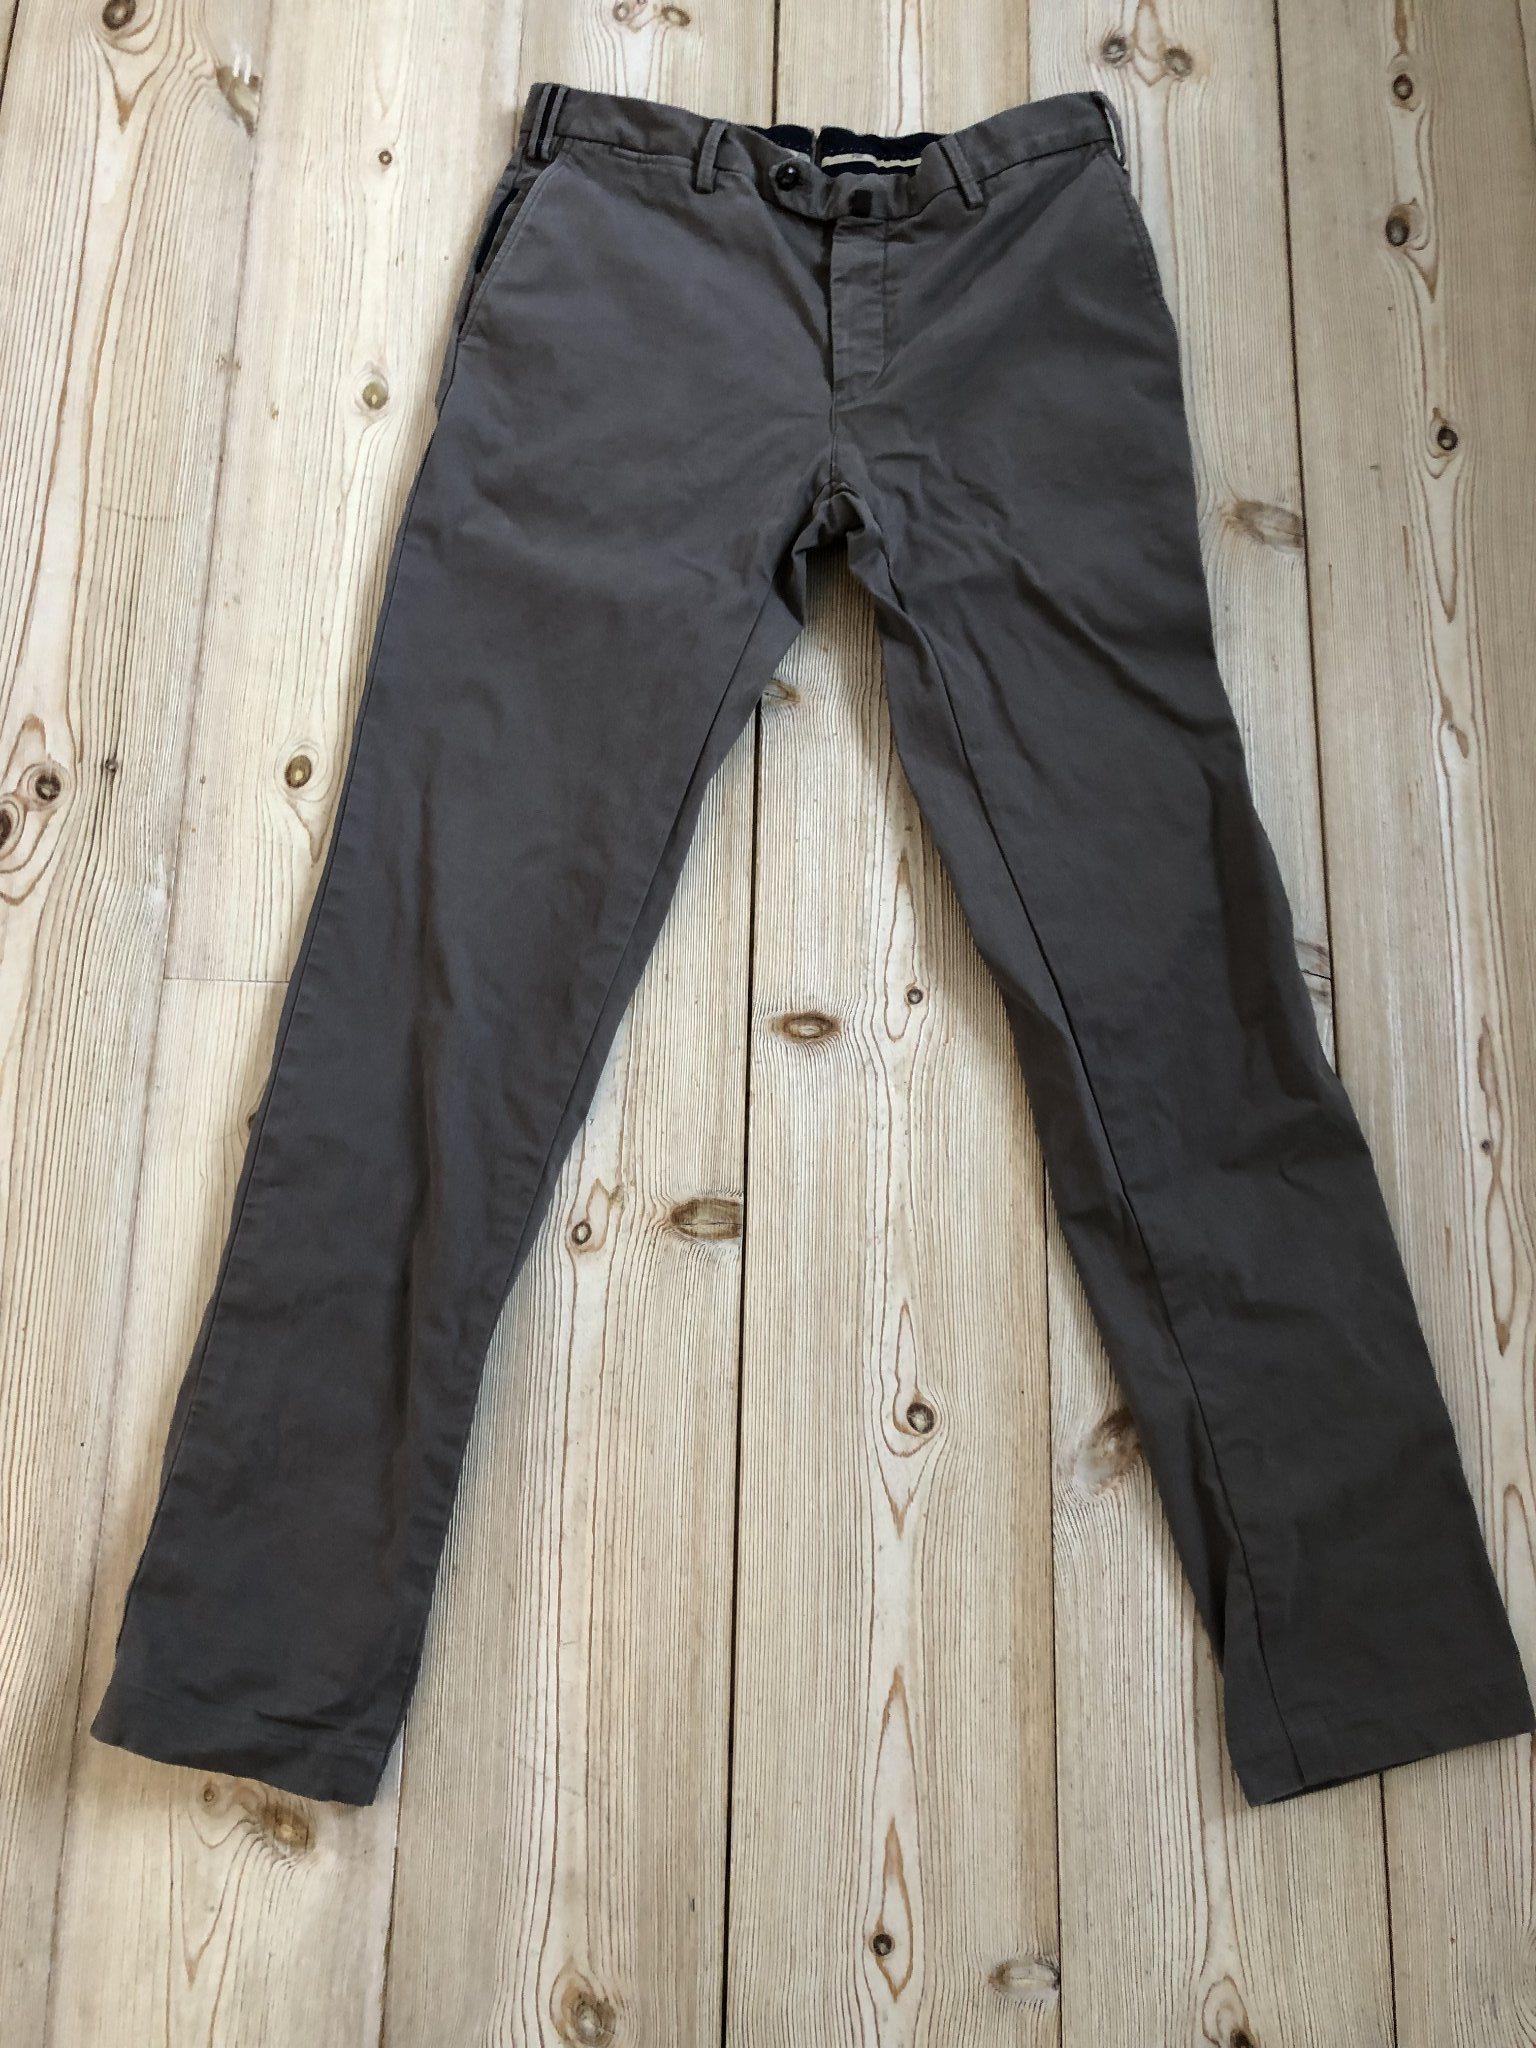 Byxor från PT01 i storlek 48 (340332626) ᐈ Köp på Tradera 5d601cdb76063